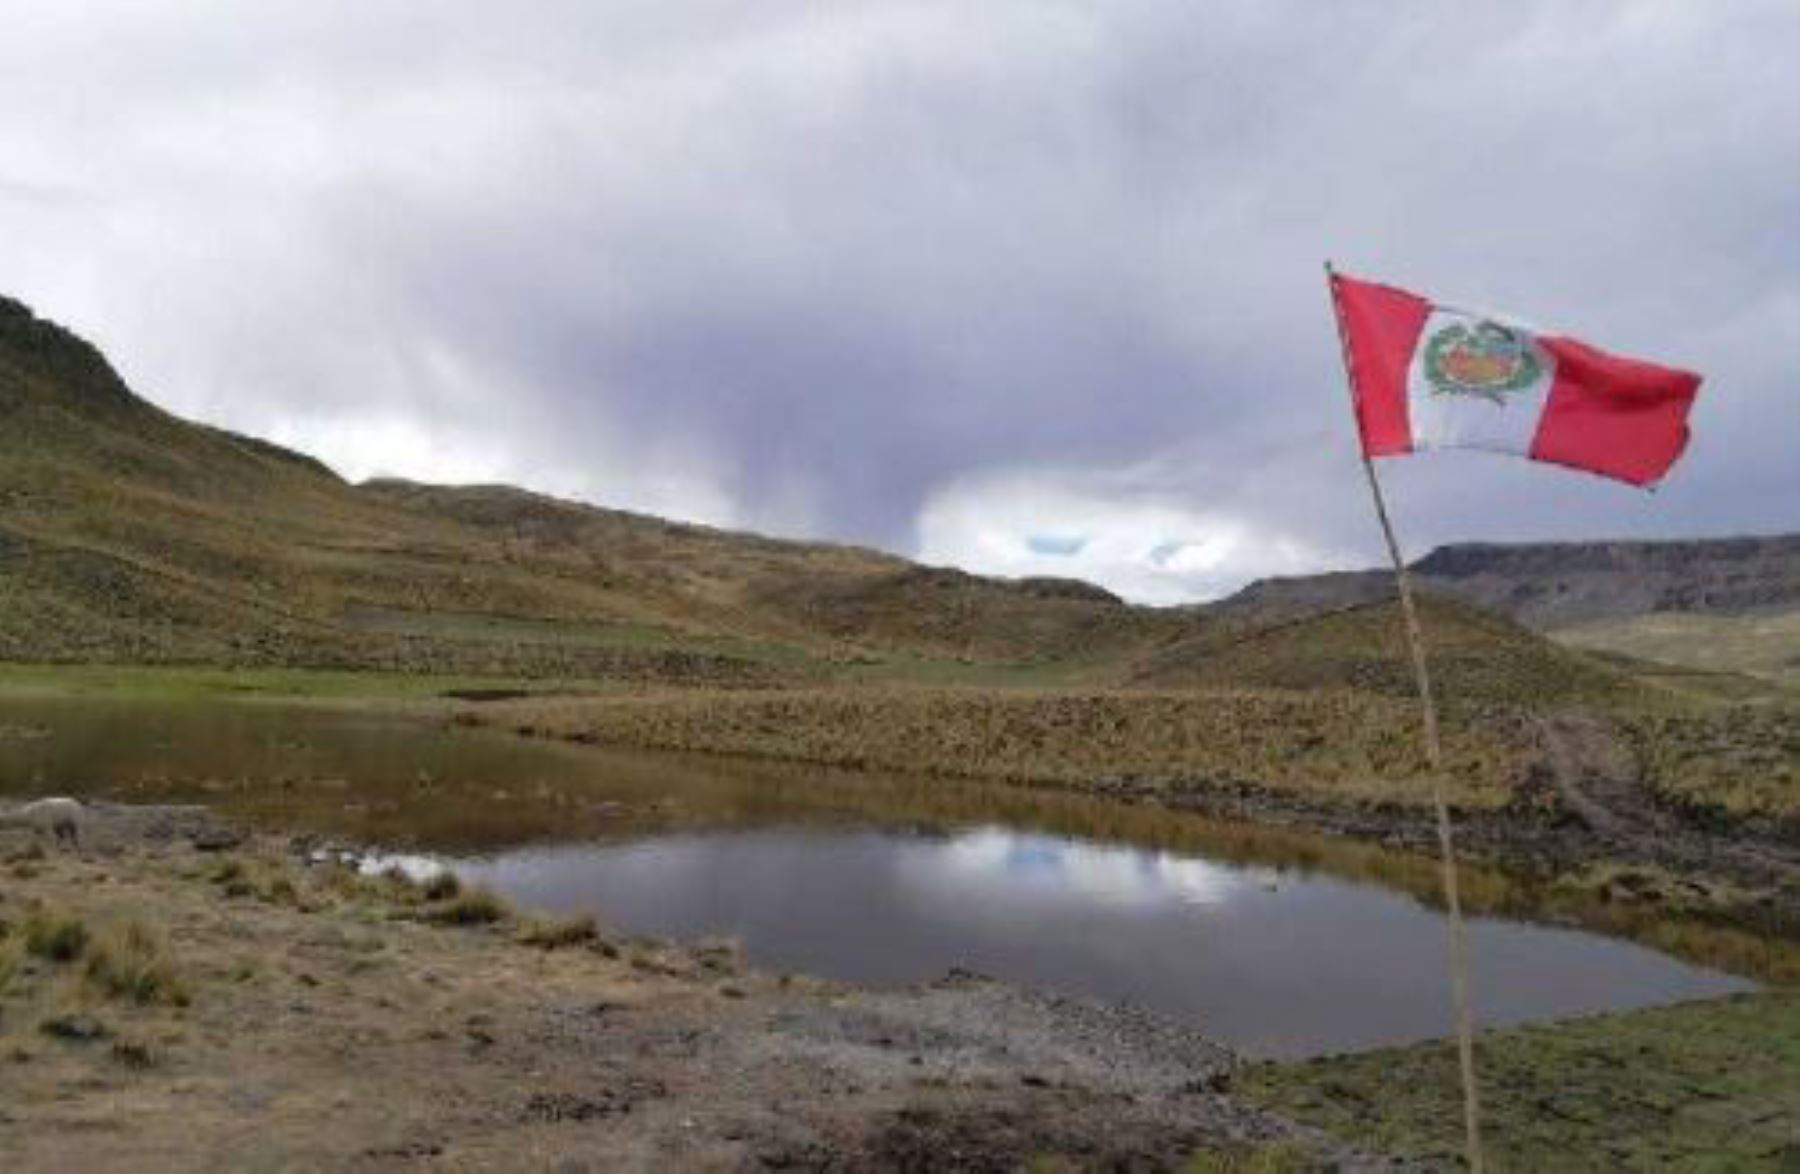 """El Ministerio de Agricultura y Riego (Minagri) construirá 22 """"qochas"""" o reservorios naturales, que demandarán una inversión total de 2 millones 72,724 soles y beneficiarán a 770 familias de pequeños agricultores de las zonas altas de la región Moquegua."""